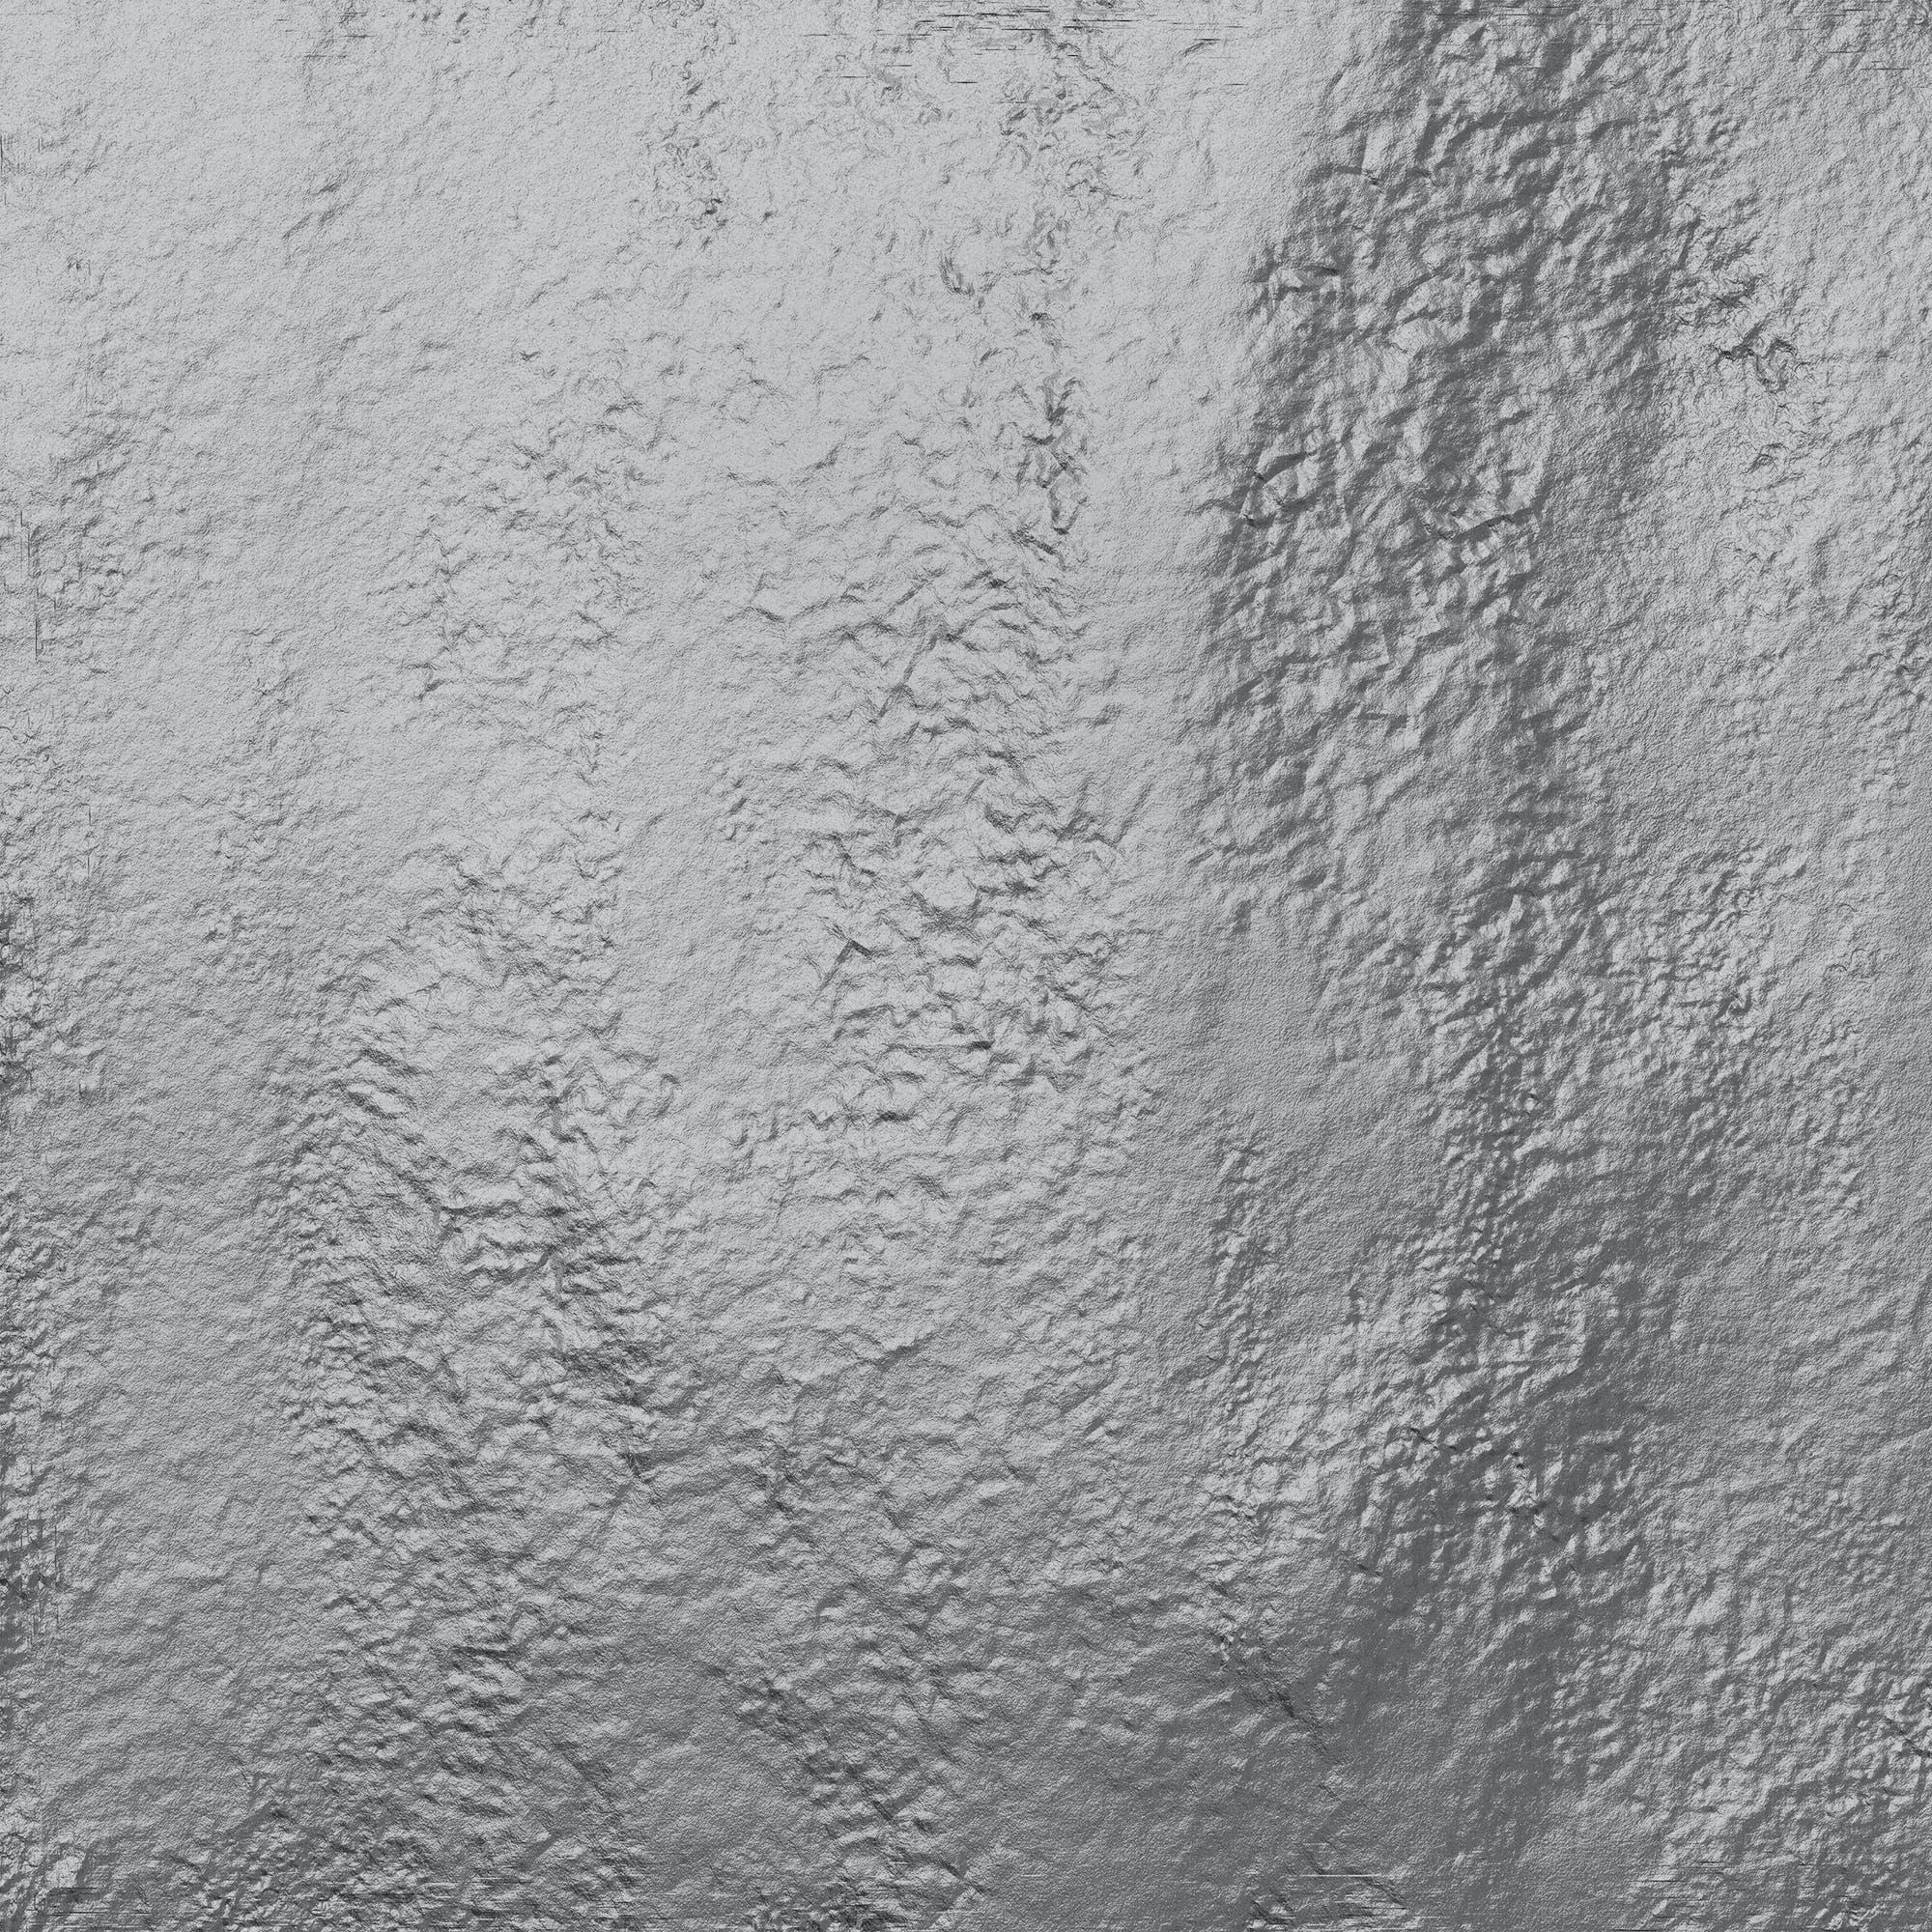 Kostenloses Stock Foto zu schwarz und weiß, textur, mauer, oberfläche